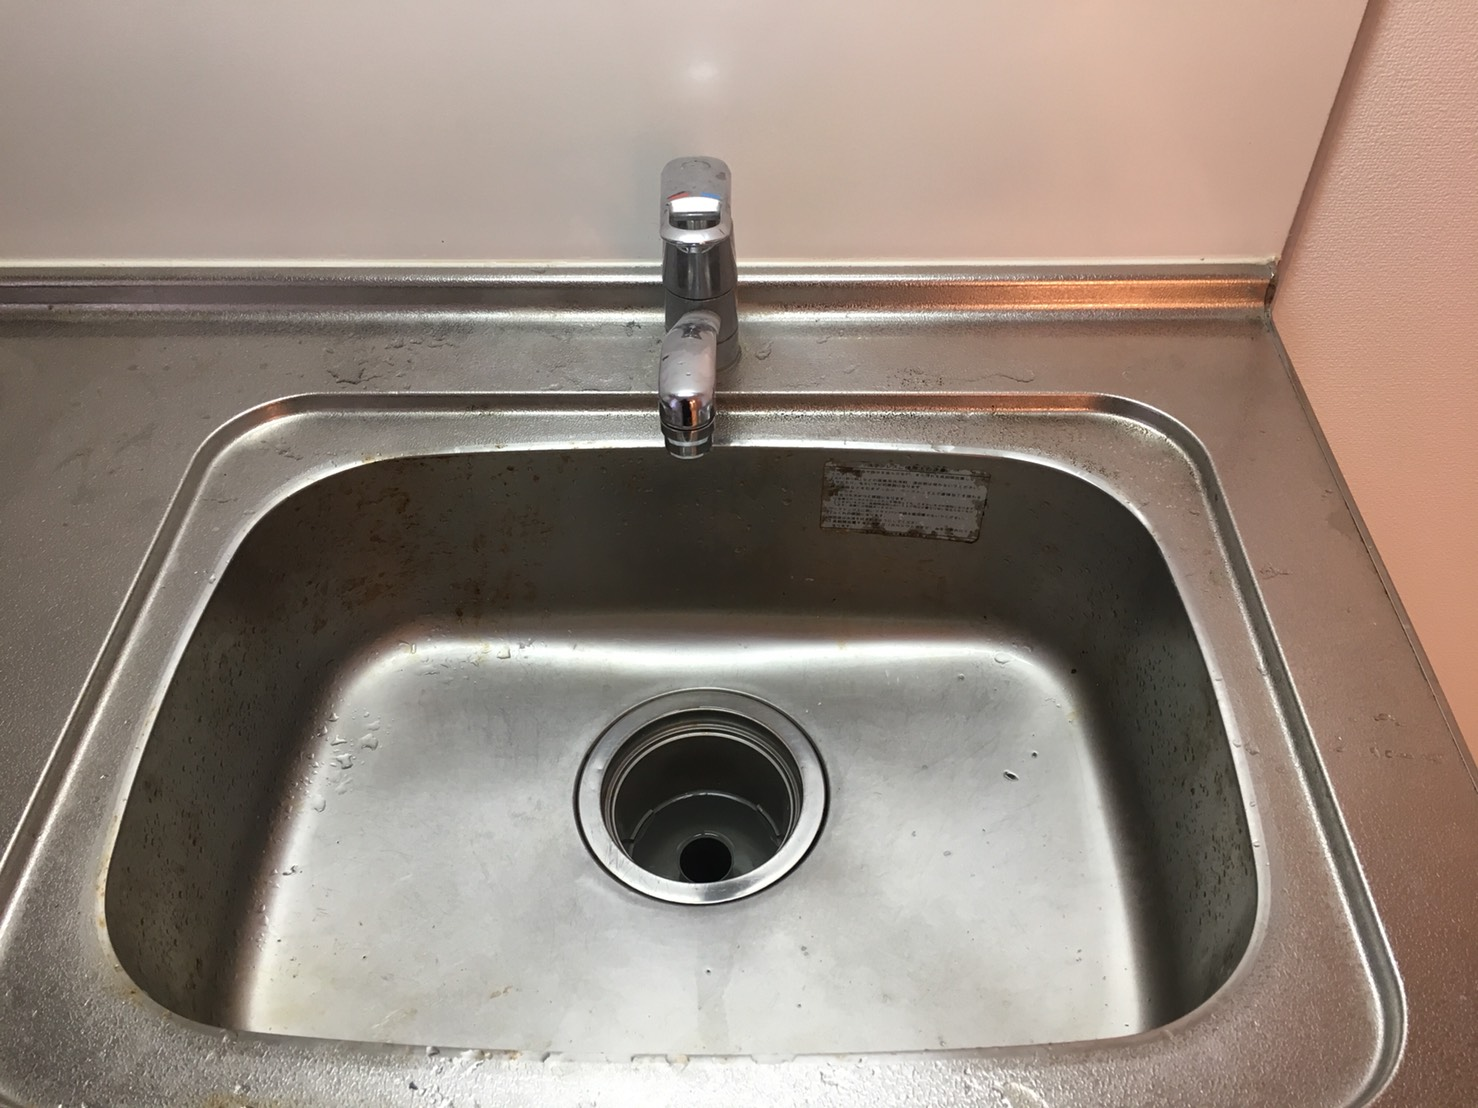 川西市 台所(水回り)シンク清掃~キッチンを綺麗に☆ハウスクリーニングは伊丹おそうじプラスまでお電話お待ちしております!